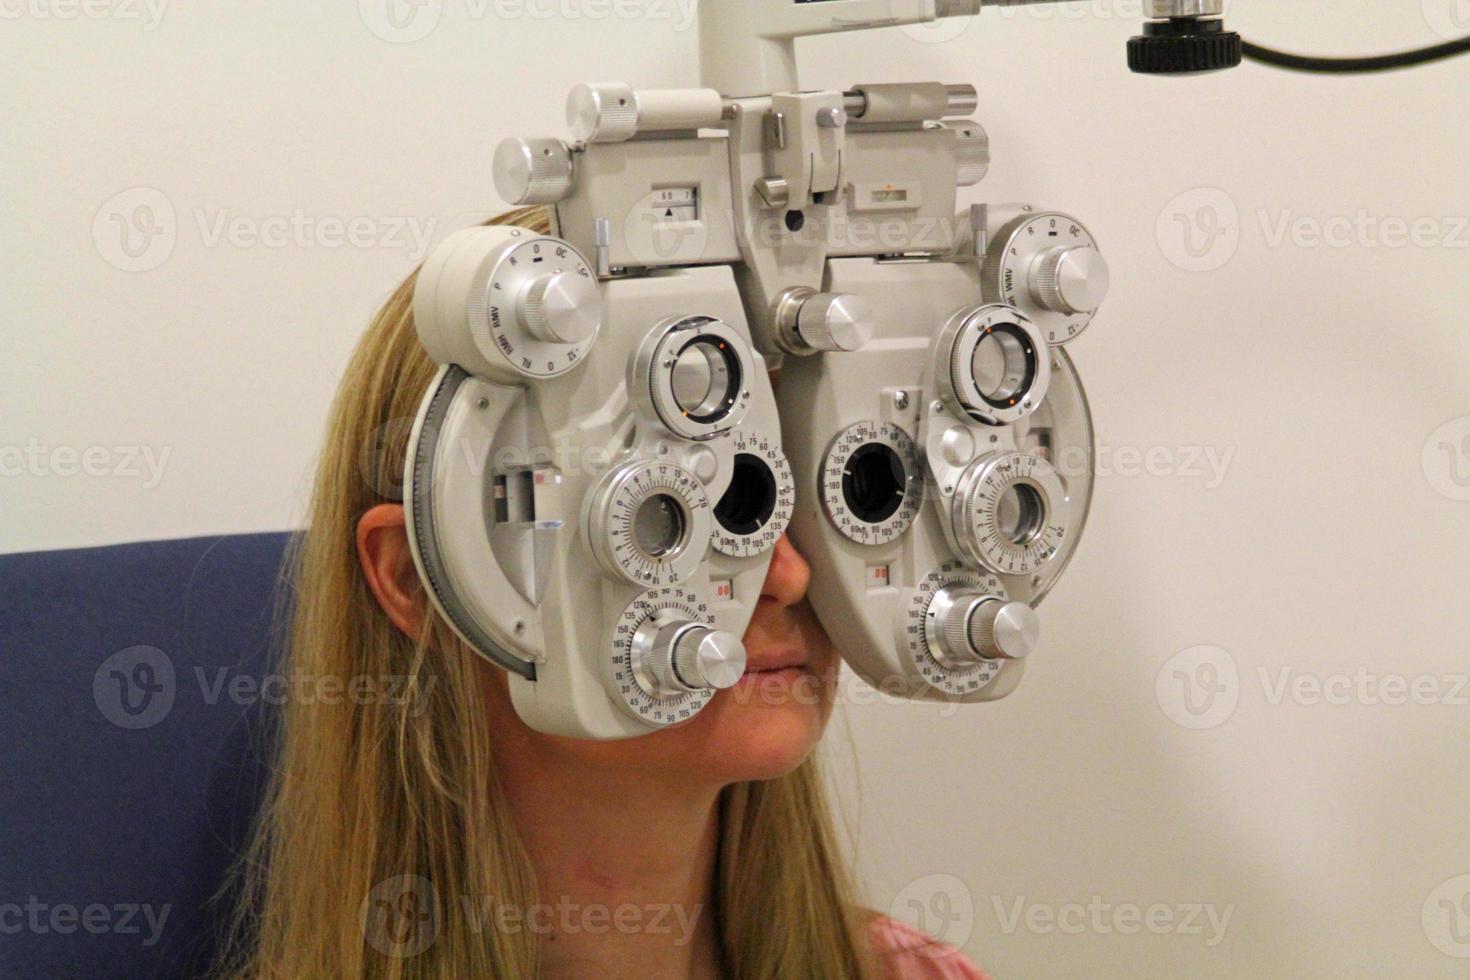 oogonderzoek met een phoroptor foto